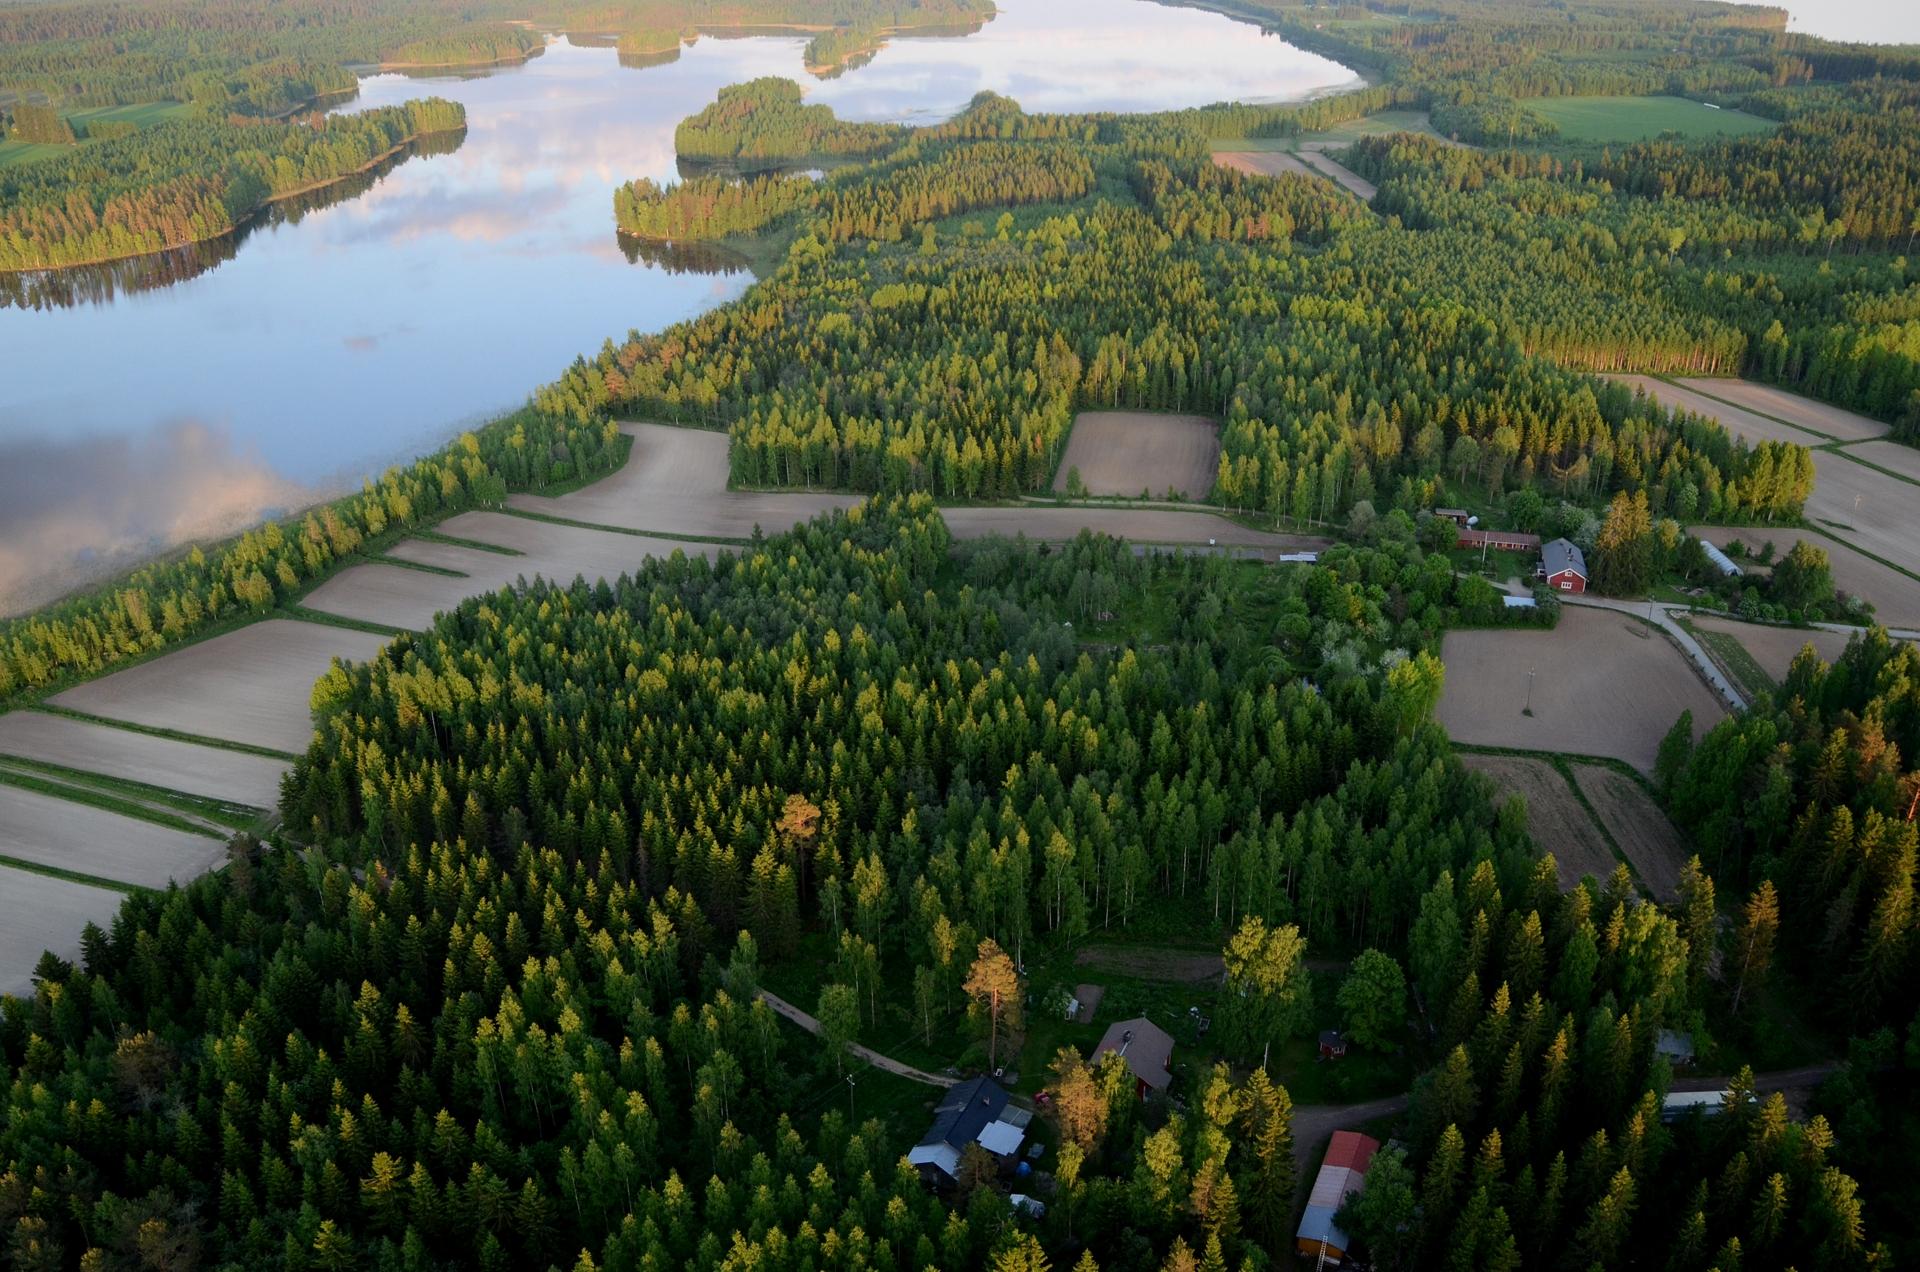 Horonkylää